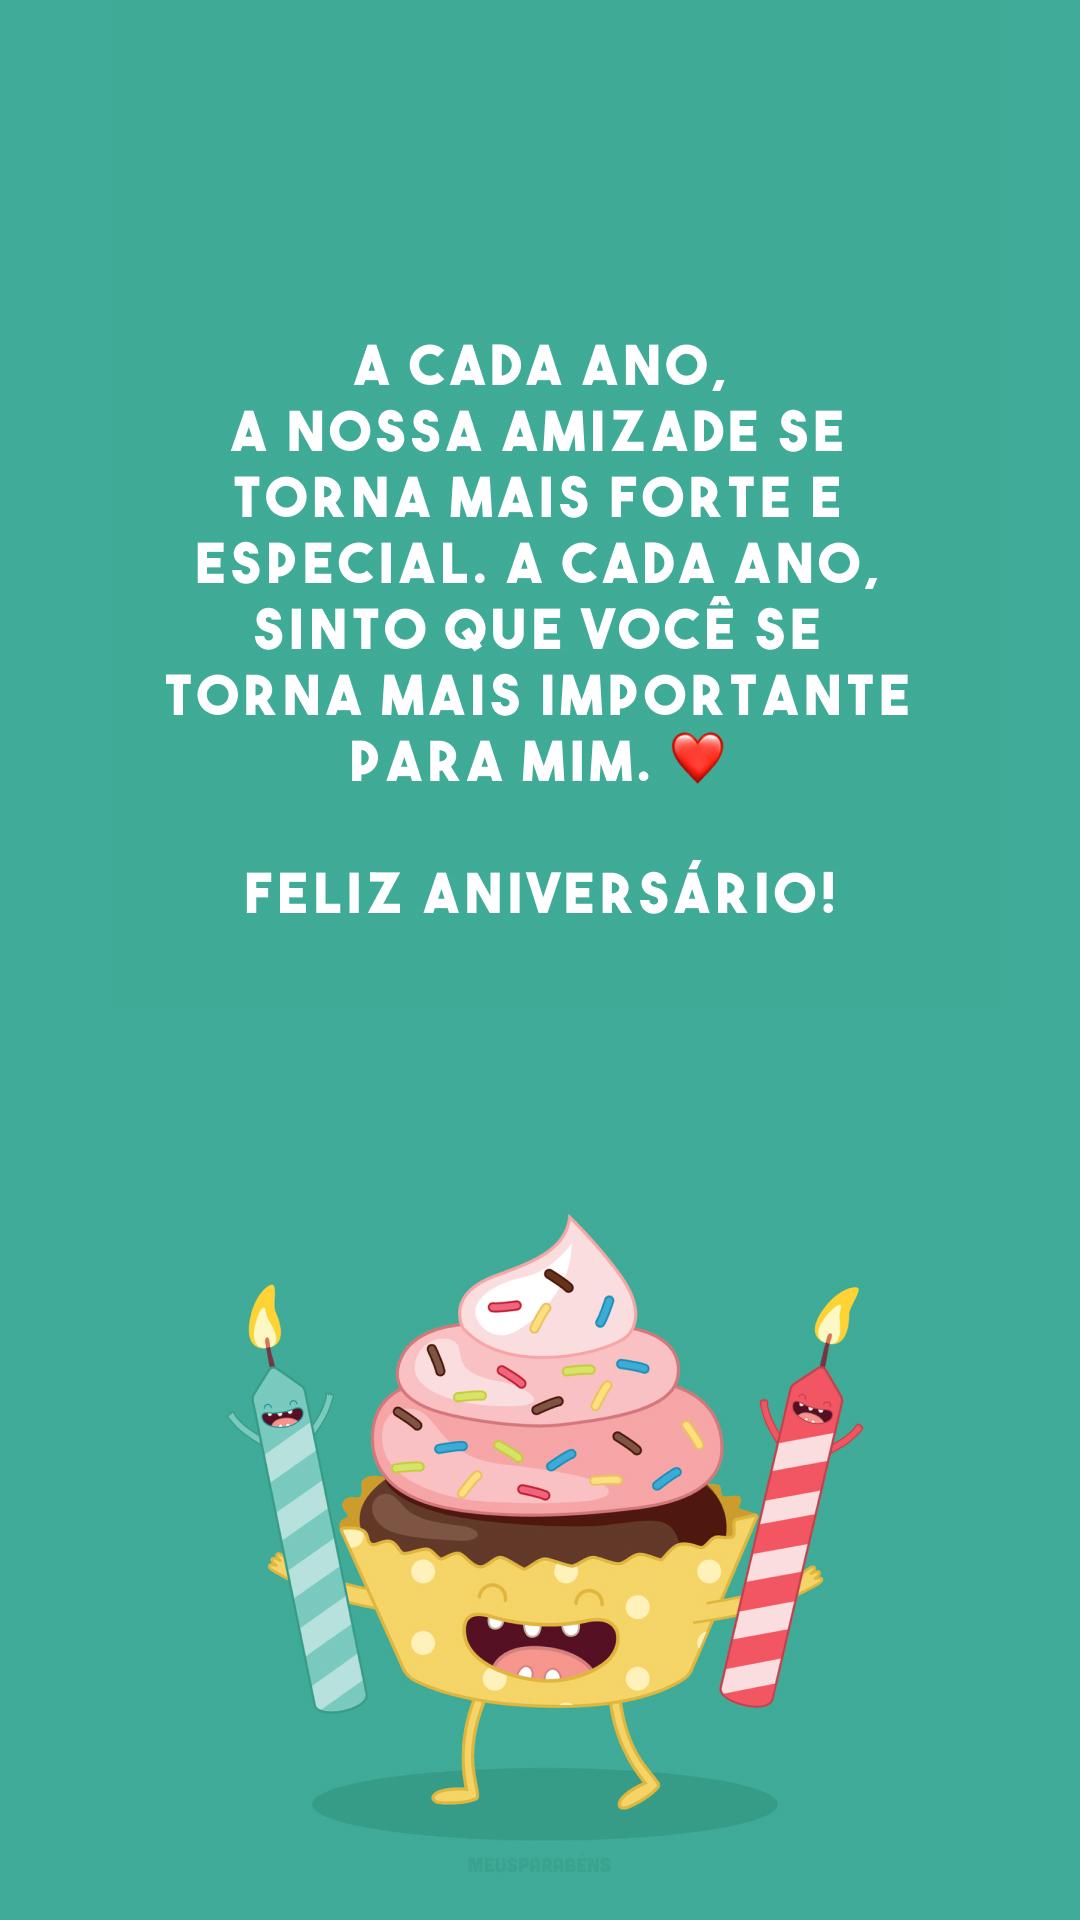 A cada ano, a nossa amizade se torna mais forte e especial. A cada ano, sinto que você se torna mais importante para mim. ❤️ Feliz aniversário!